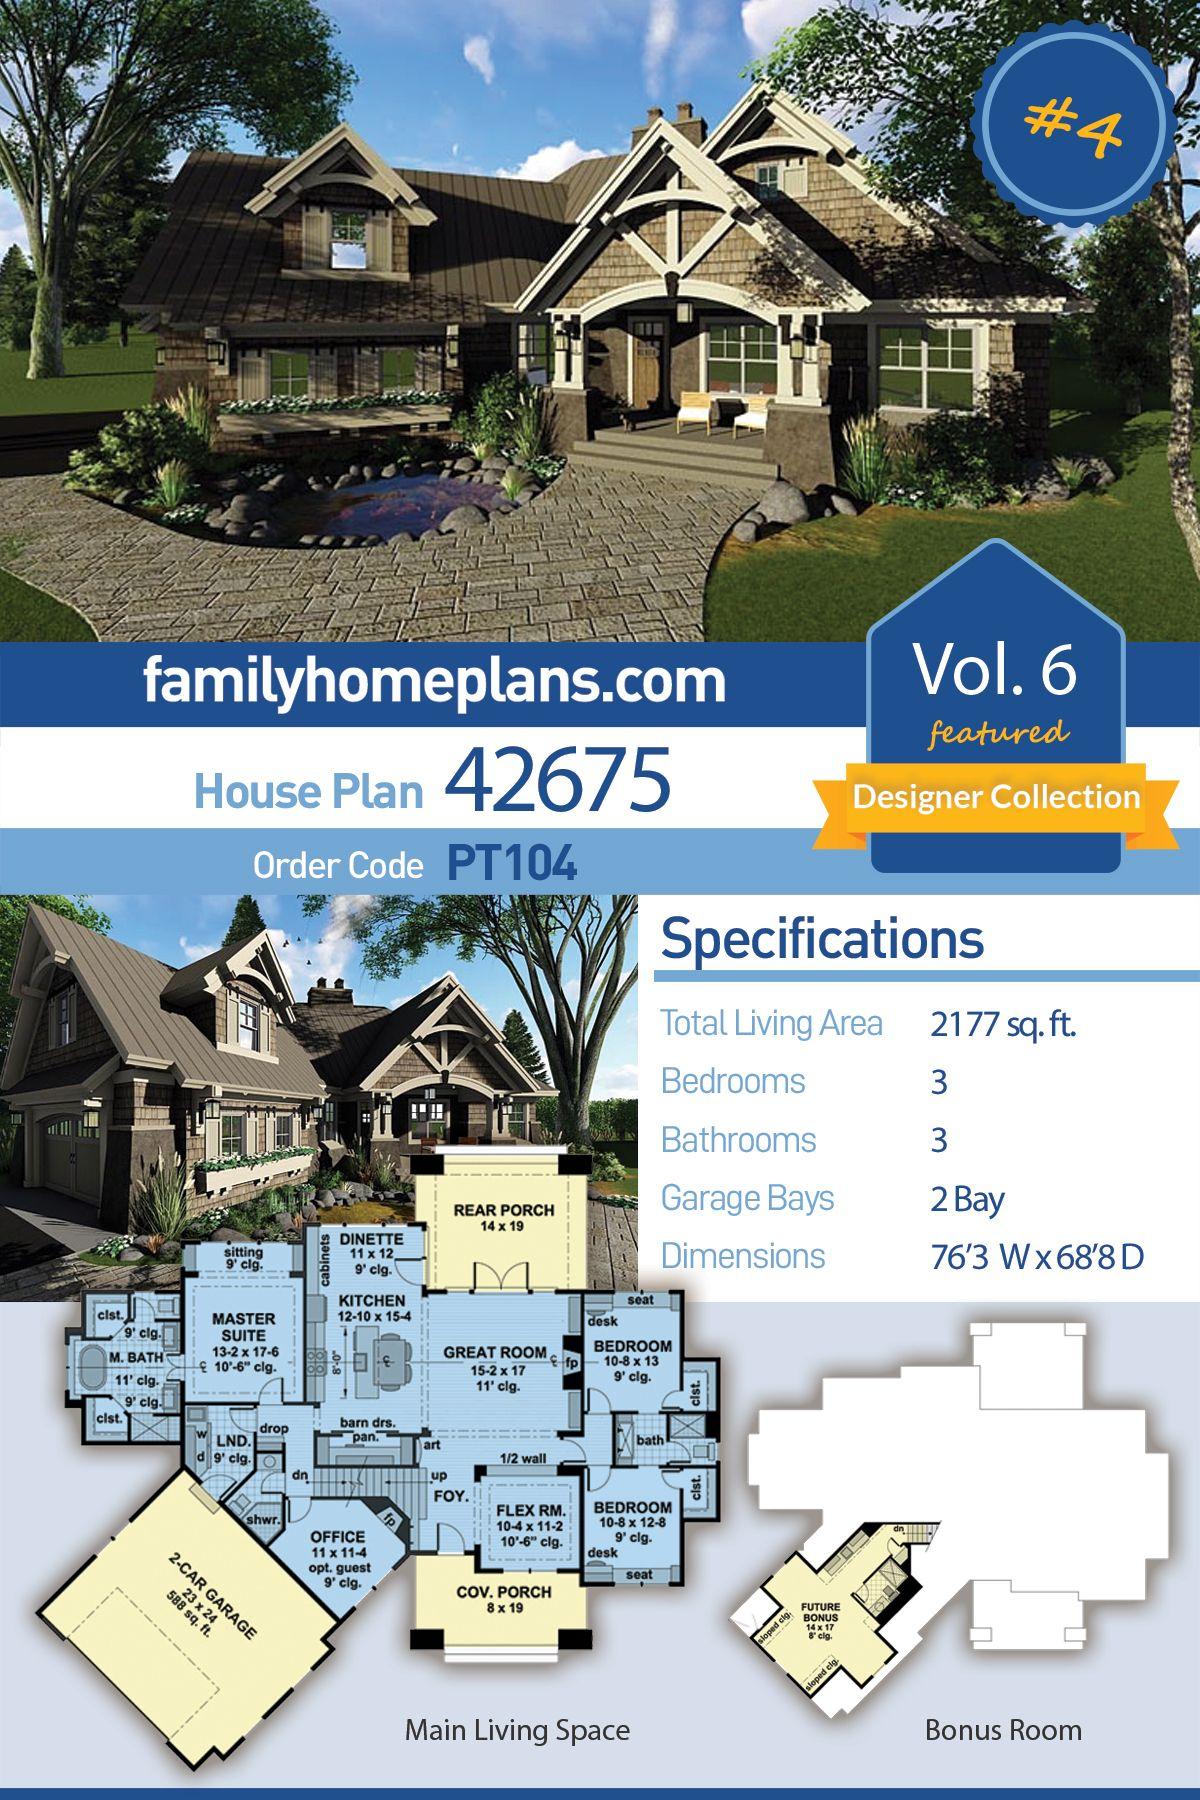 Tudor Style House Plan 42675 With 3 Bed 3 Bath 2 Car Garage House Plans Tudor Style Homes Craftsman House